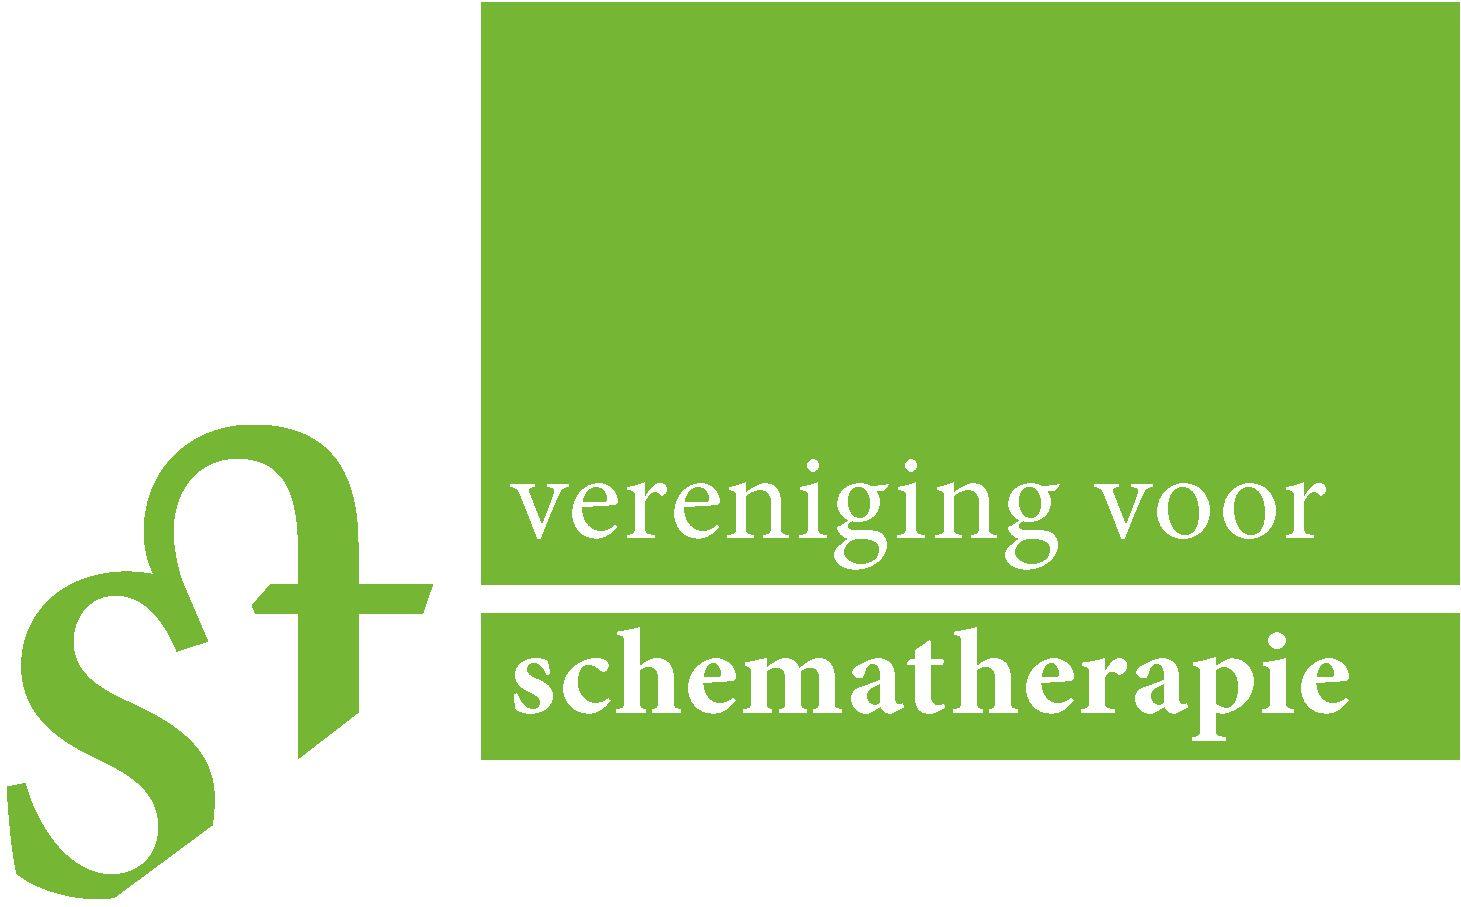 Schematherapie ALV en workshop 2020